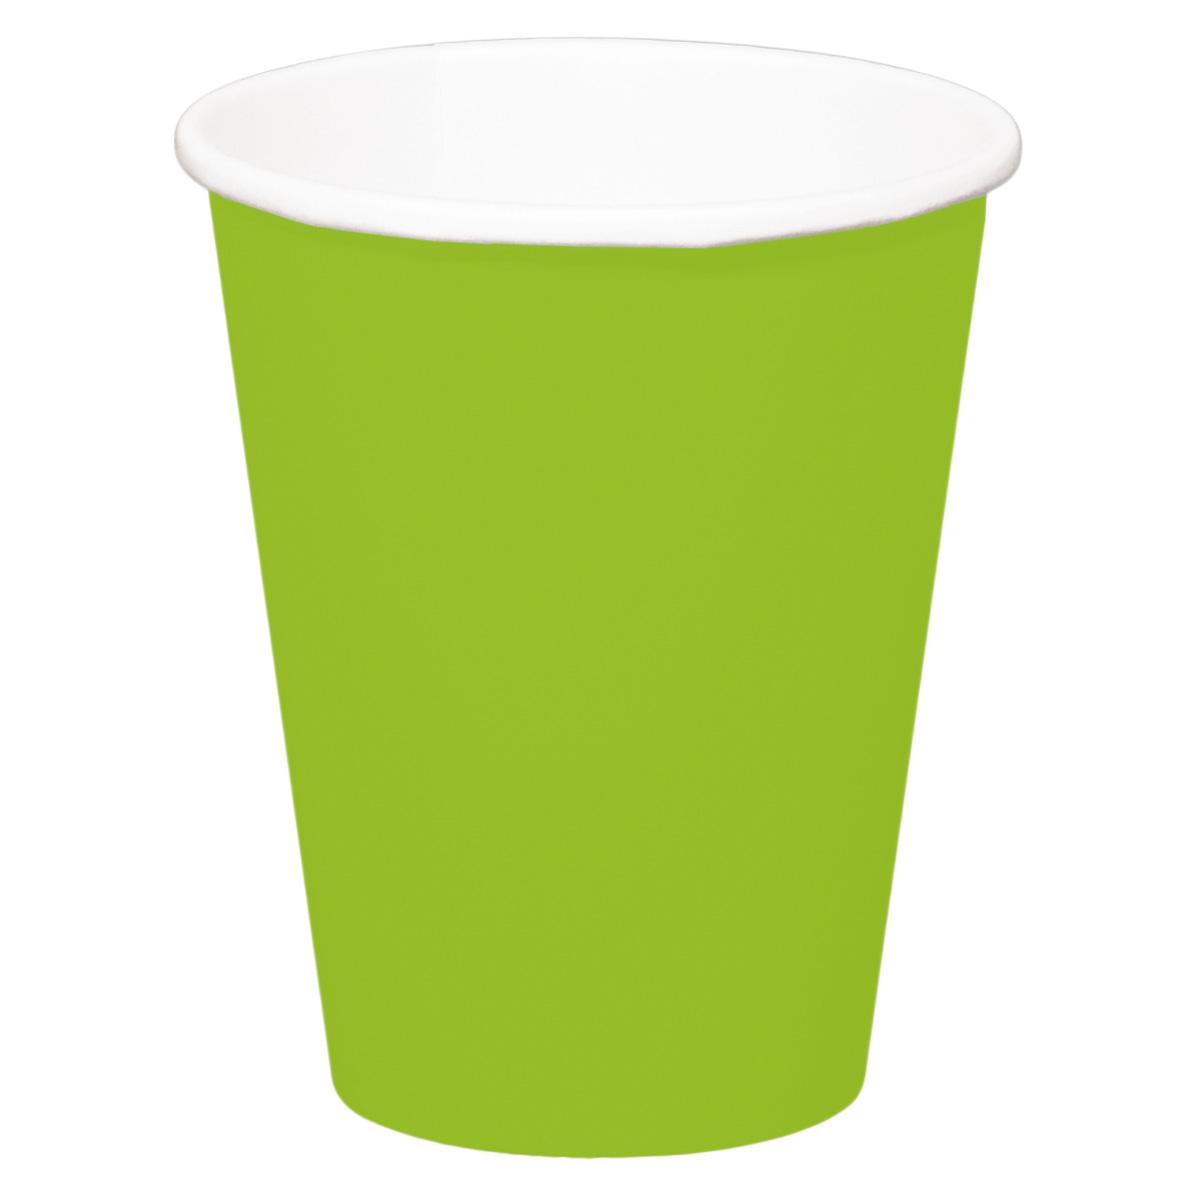 Mugg, grön, 8st.